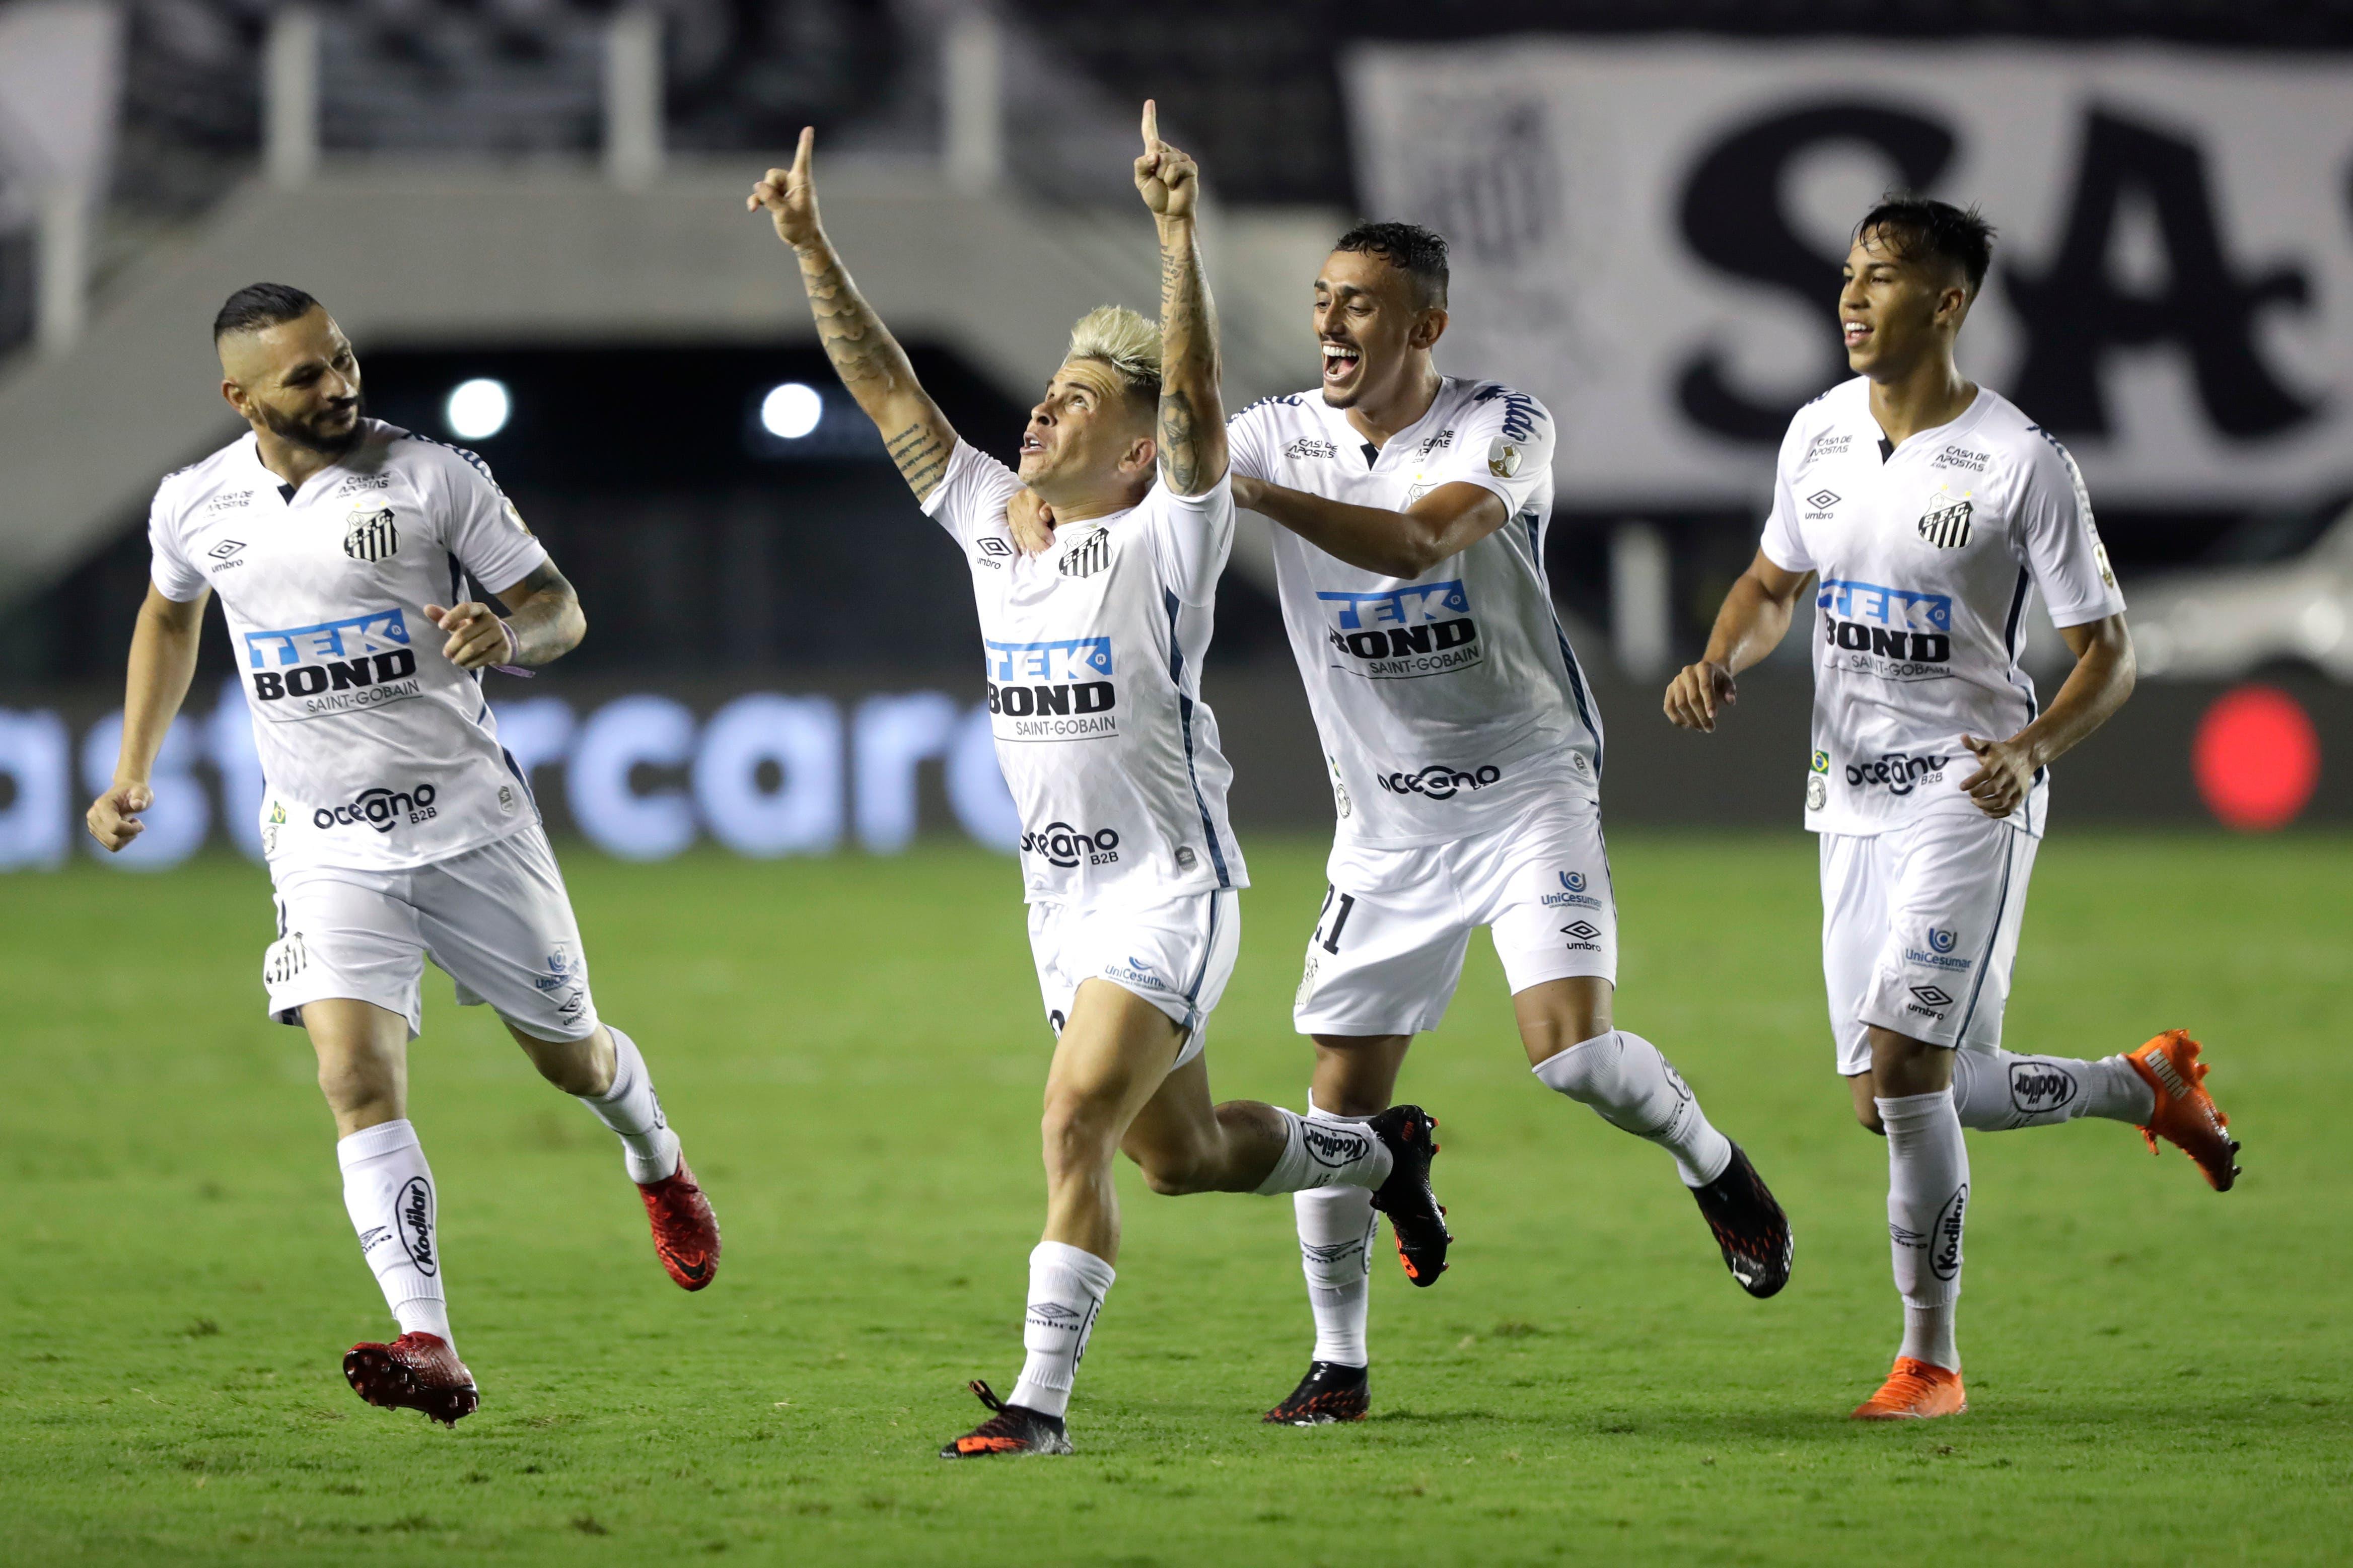 Santos - Boca: el xeneize es goleado 3-0 en la revancha de semifinales de la Copa Libertadores